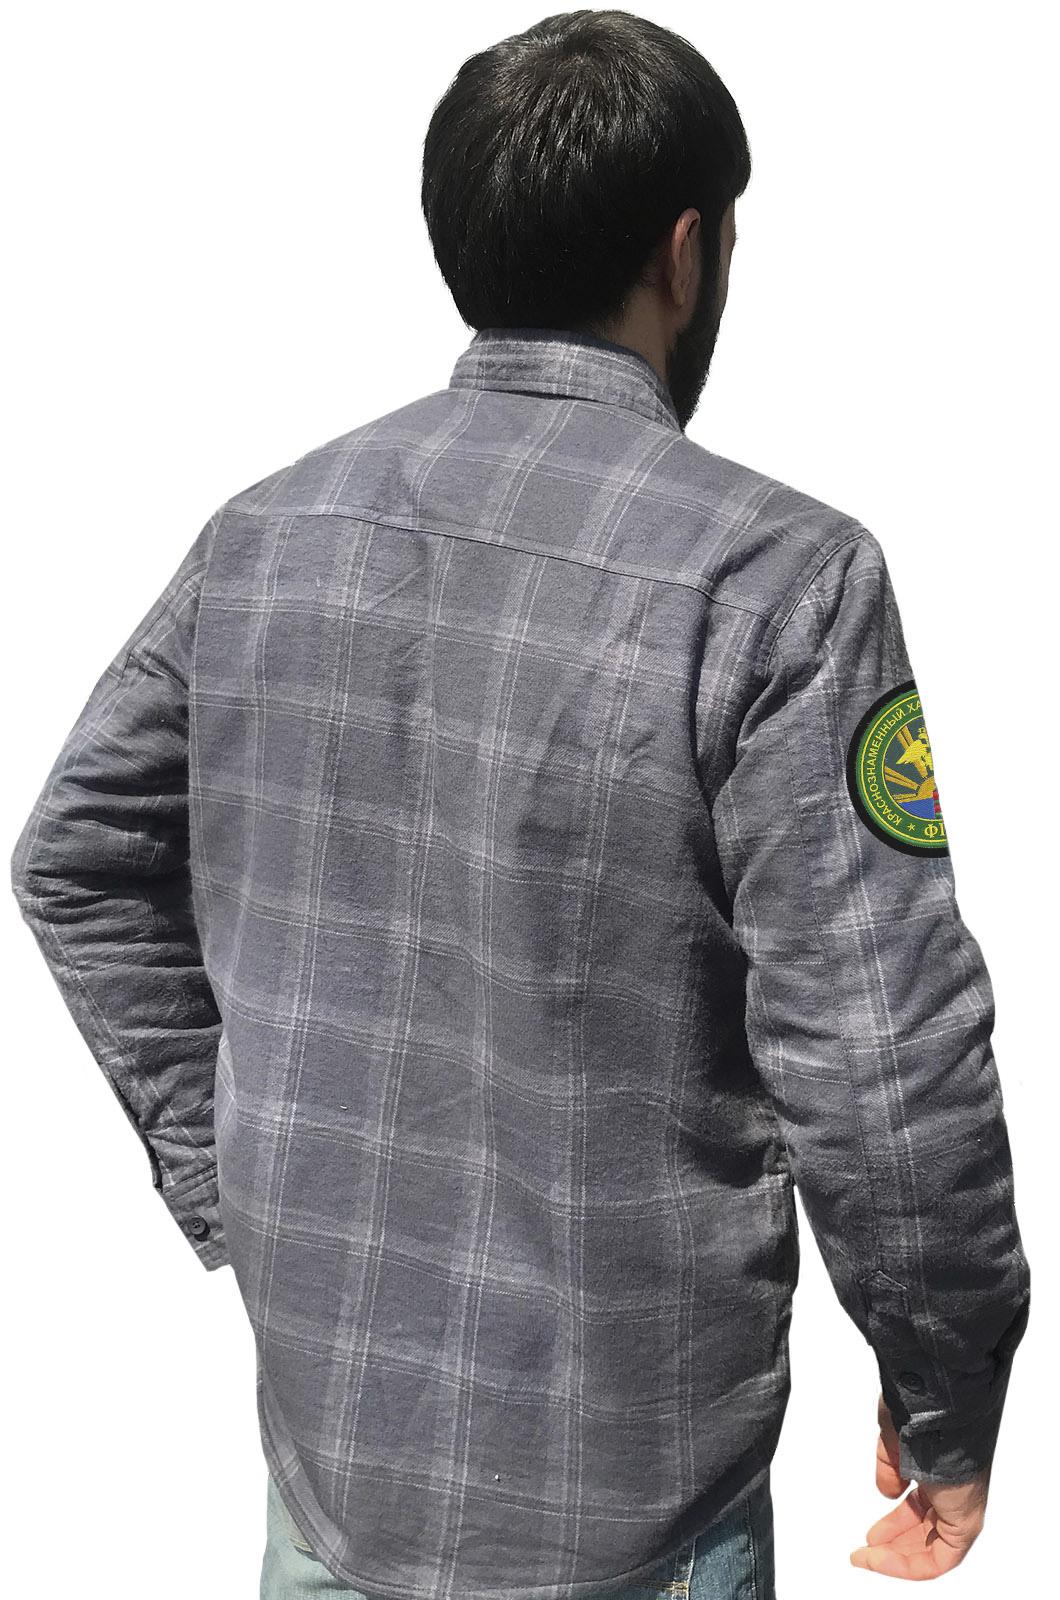 Рубашка пограничника с эмблемой ФСП заказать в подарок